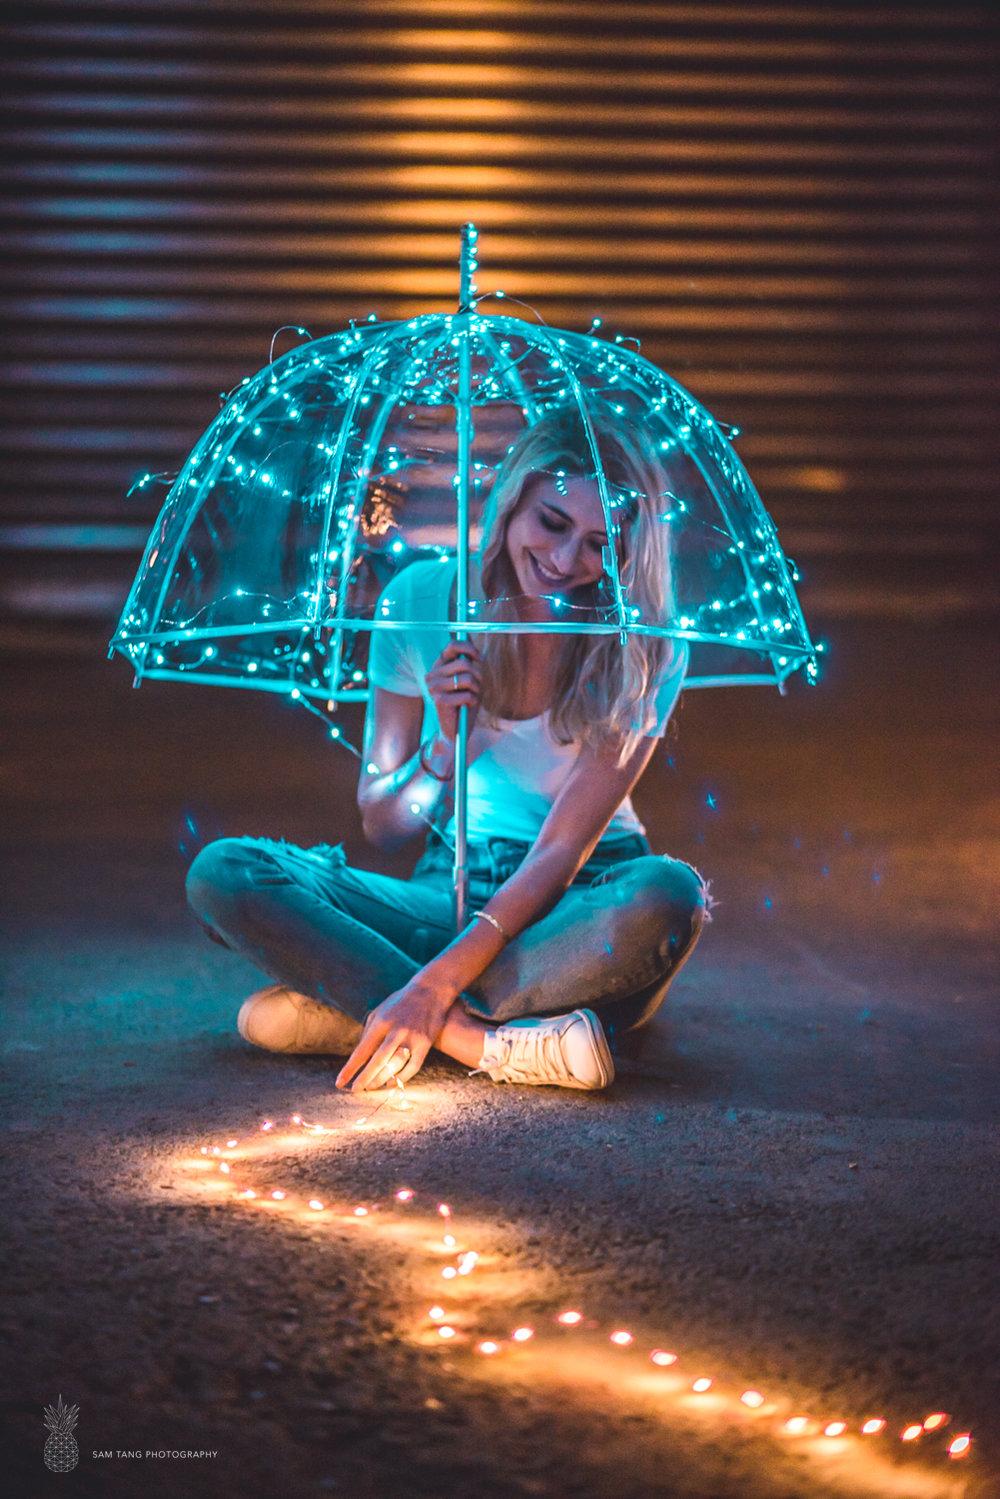 Creatieve portret fotografie met lichtjes